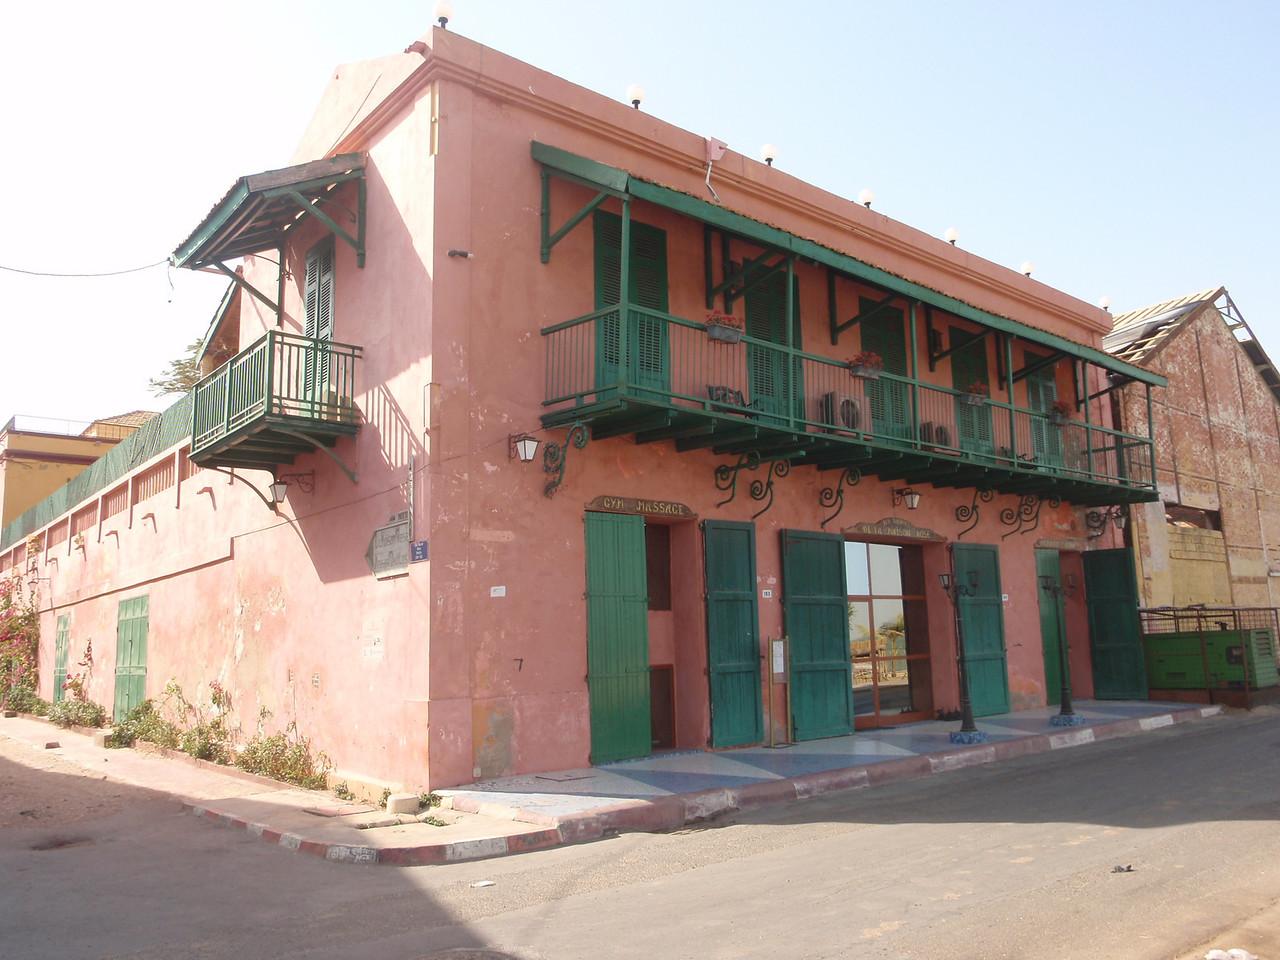 097_Saint Louis  La Maison Rose  Saint-Louisian Villa Style  19th  C